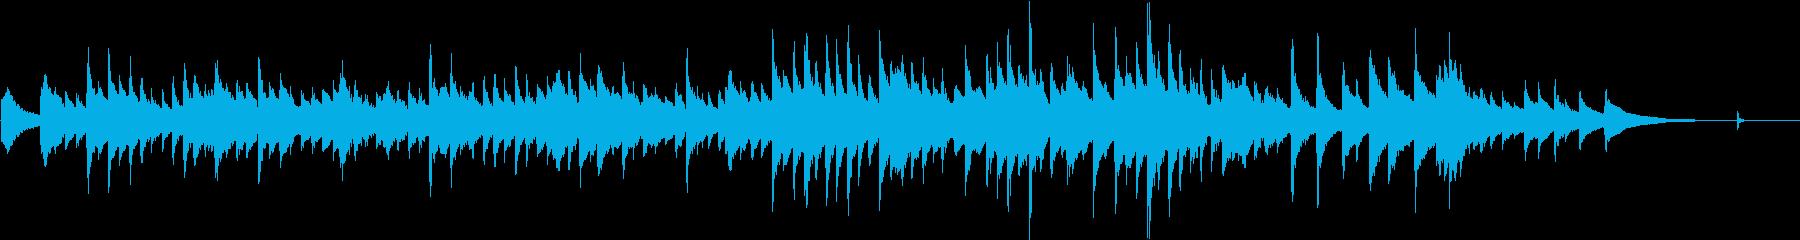 ゆったりな雰囲気のギター曲の再生済みの波形